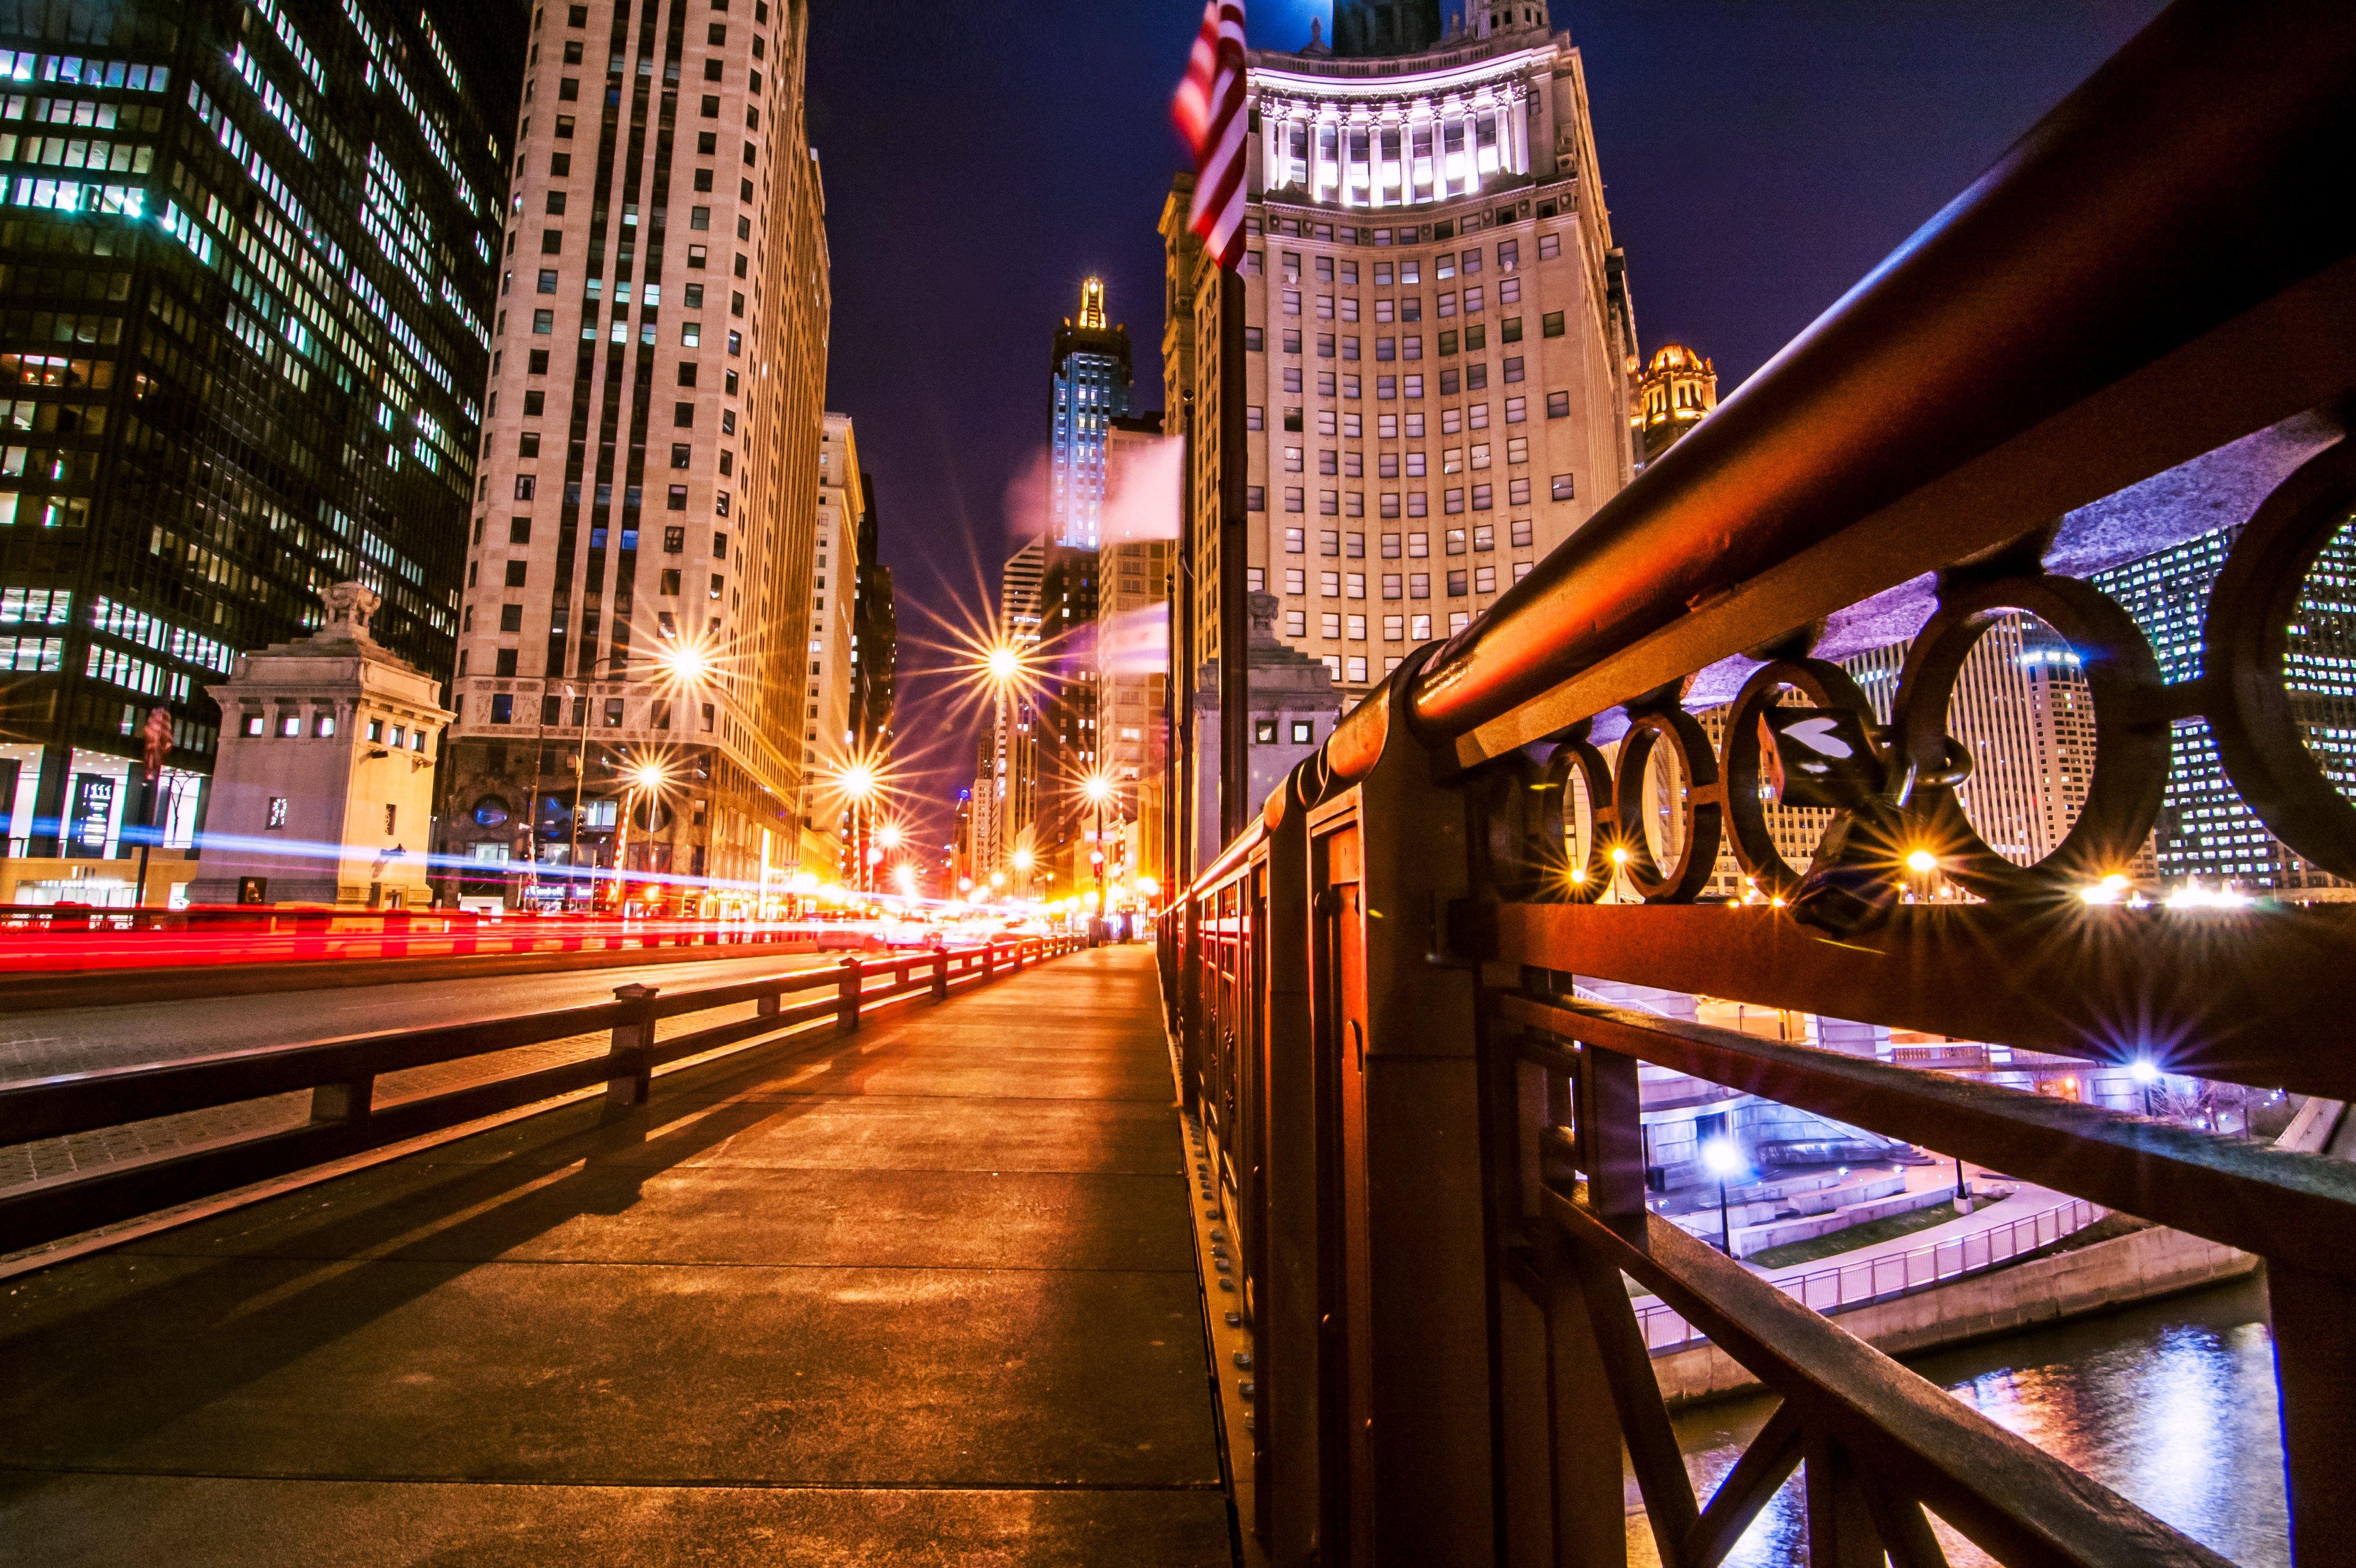 Michigan Avenue